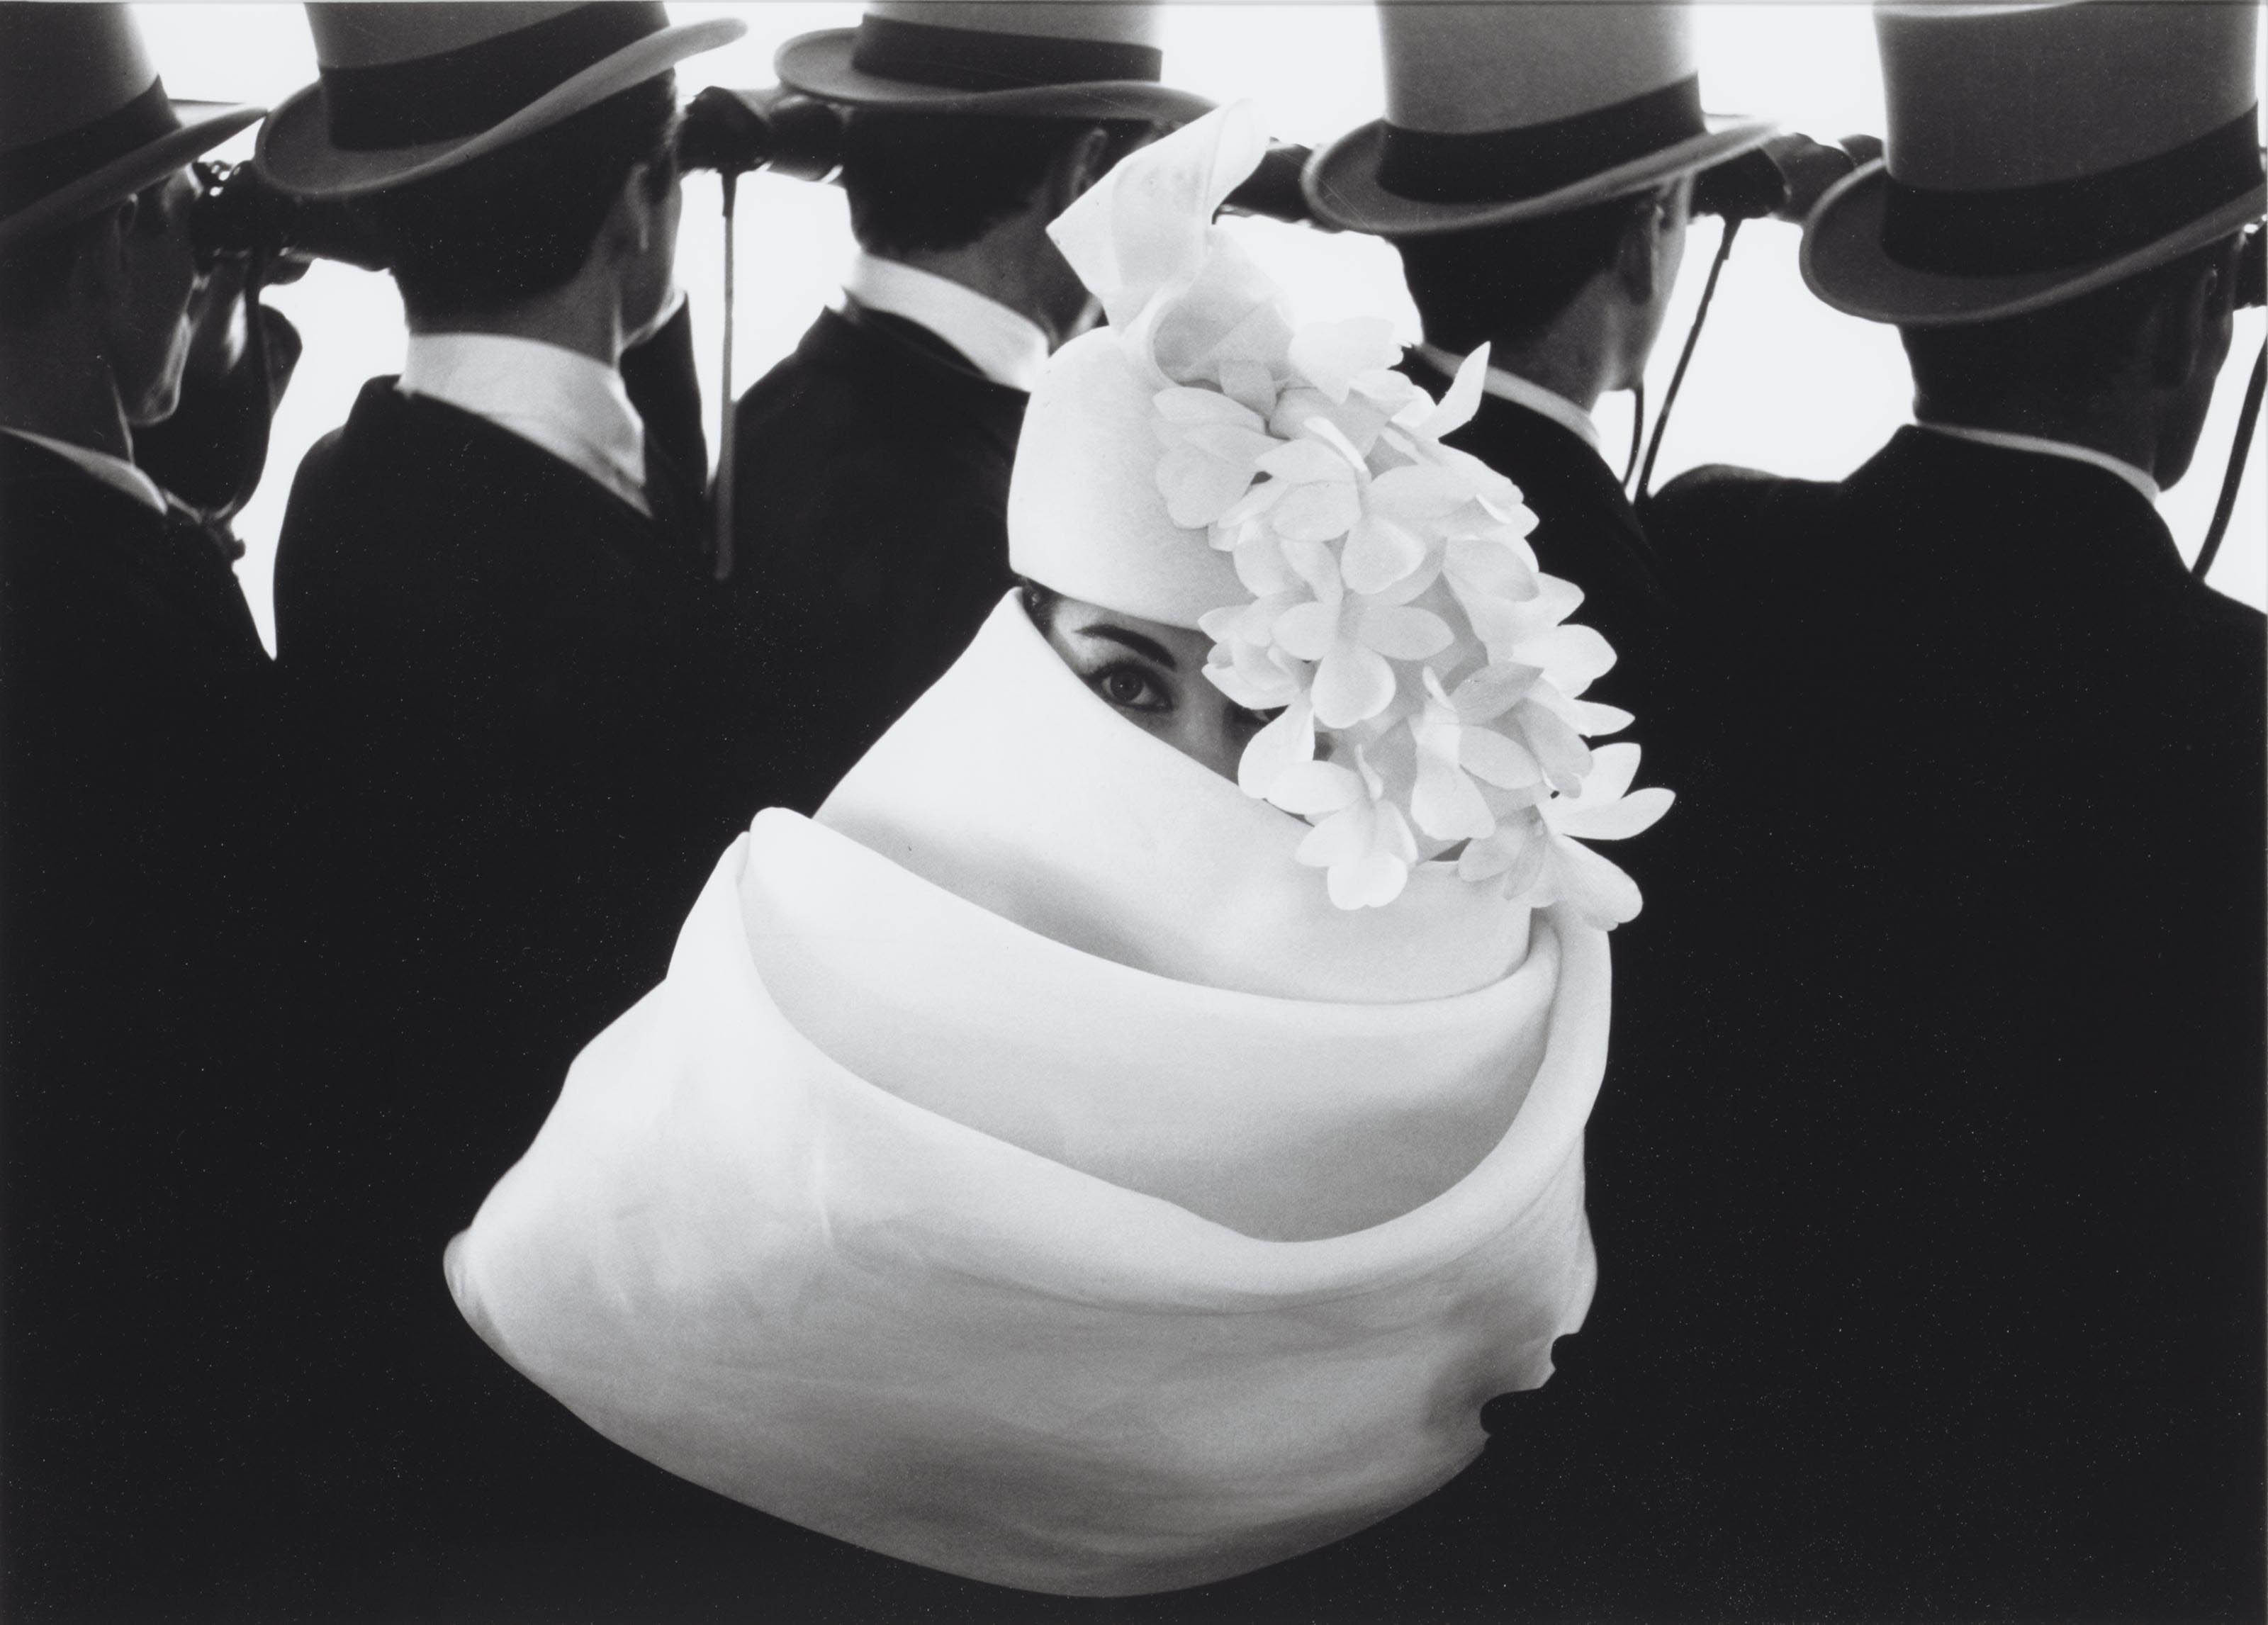 Givenchy, for 'Jardin des Modes', 1959